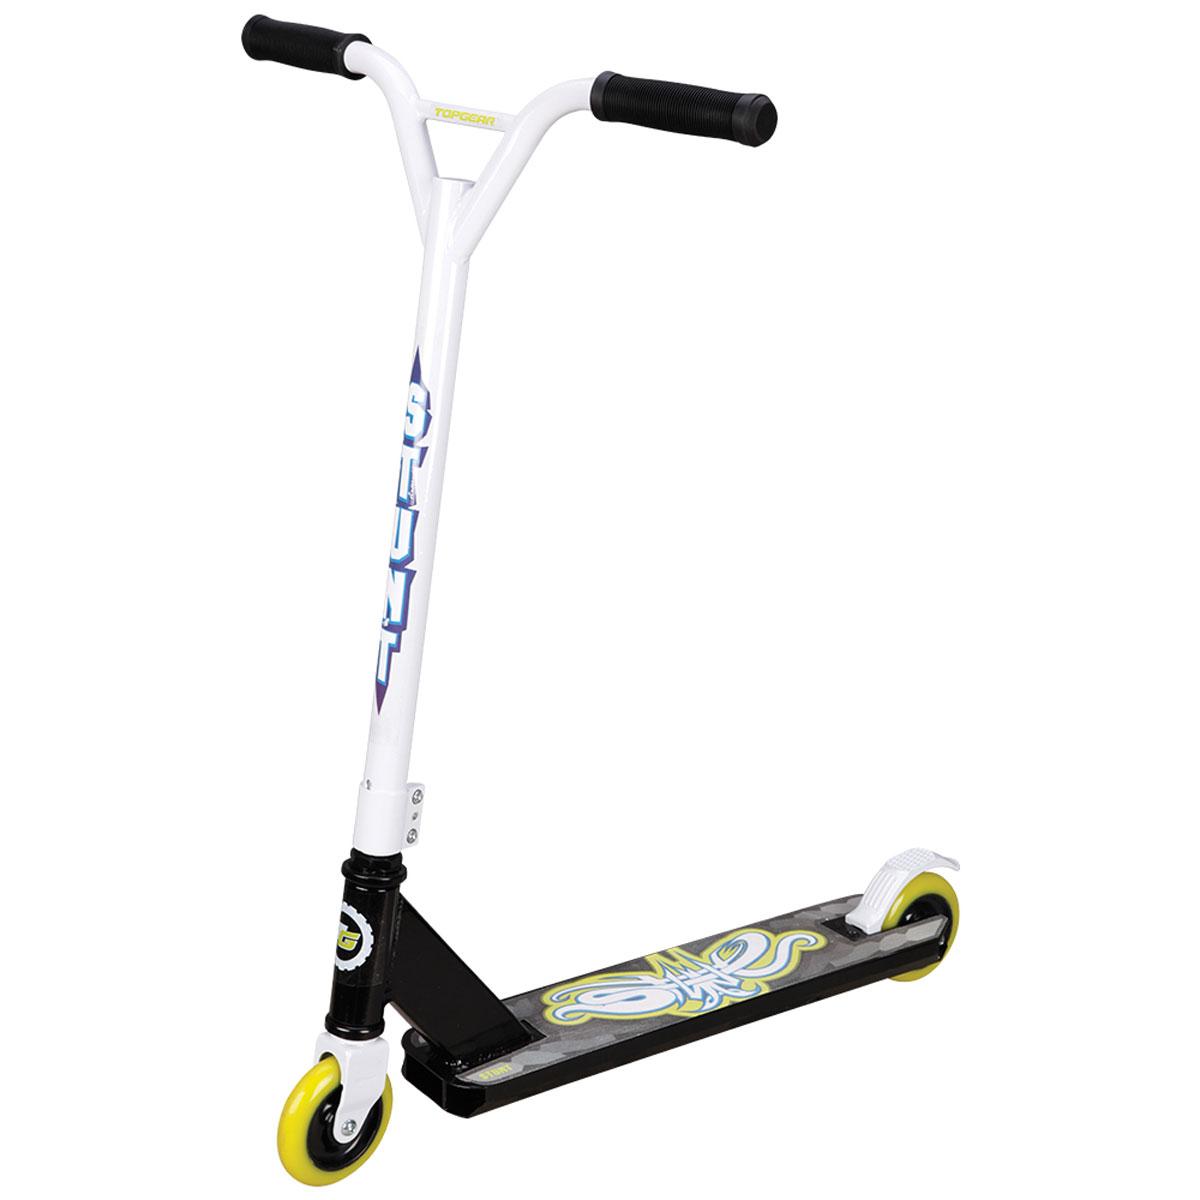 TopGear Самокат детский двухколесный для трюков цвет черный белыйТ57603Самокат TOPGEAR для трюков, 2-х колесный. Алюминий, PU колеса 100мм, грузоподъемность до 100кг, тормоз, подшипн.ABEC-9,обода ABS